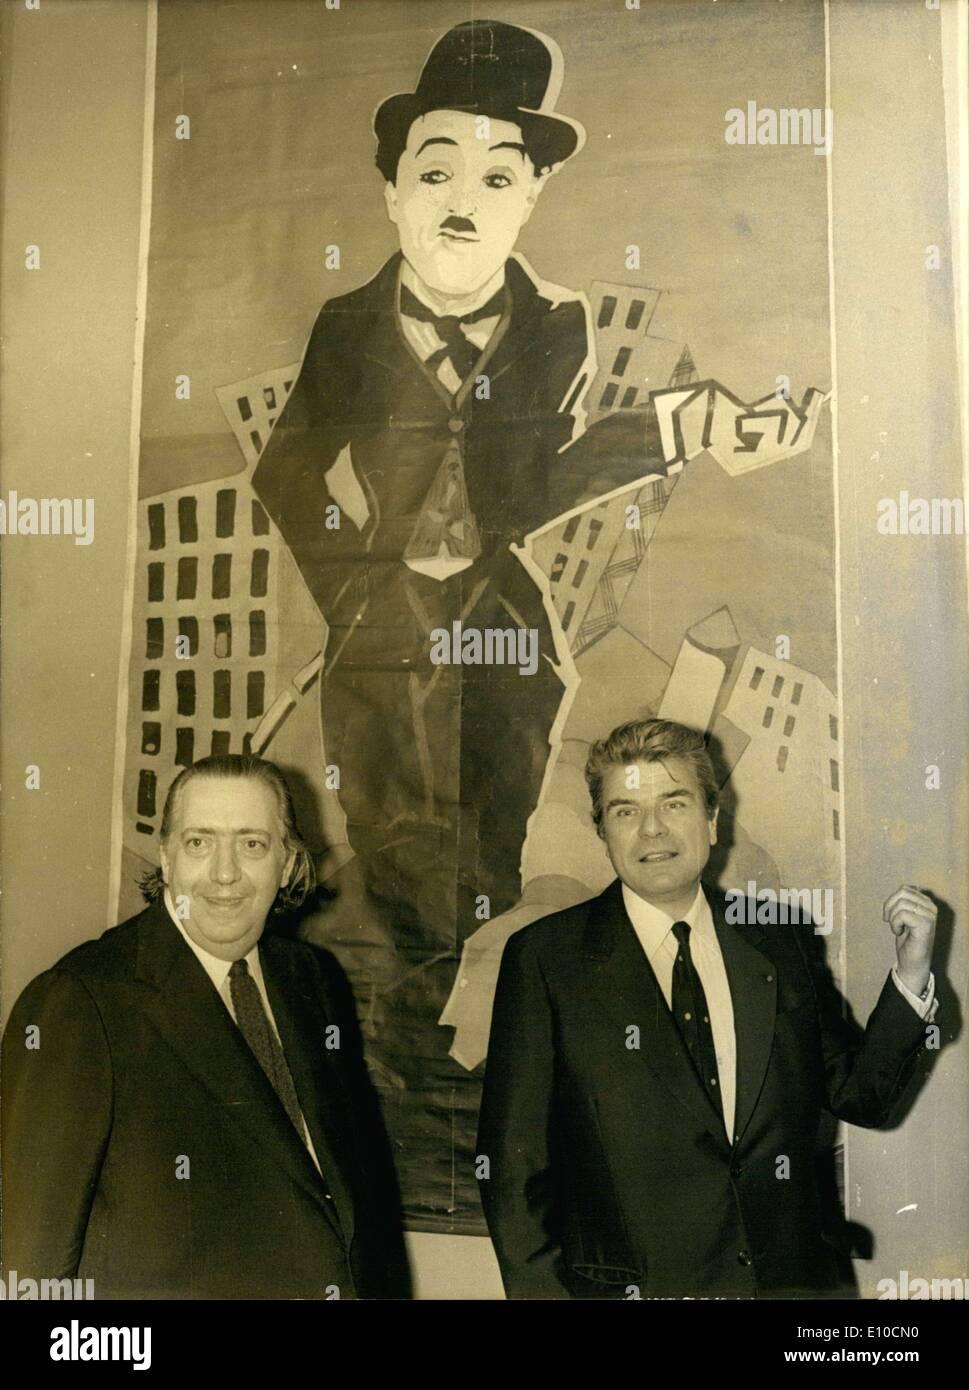 Juin 14, 1972 - L'inauguration de l'exposition ''trois quarts de siècle d'Film-Making'' a eu lieu aujourd'hui en présence de M. Hubert de Villez, Président de l'Institut du cinéma français, M. Henri Langlois, directeur, et M. Jacques Duhamel, ministre des Affaires culturelles. M. Henri Langlois (à gauche) et M. Jacques Duhamel ont été photographiés devant un poster géant de ''Charlot' Photo Stock